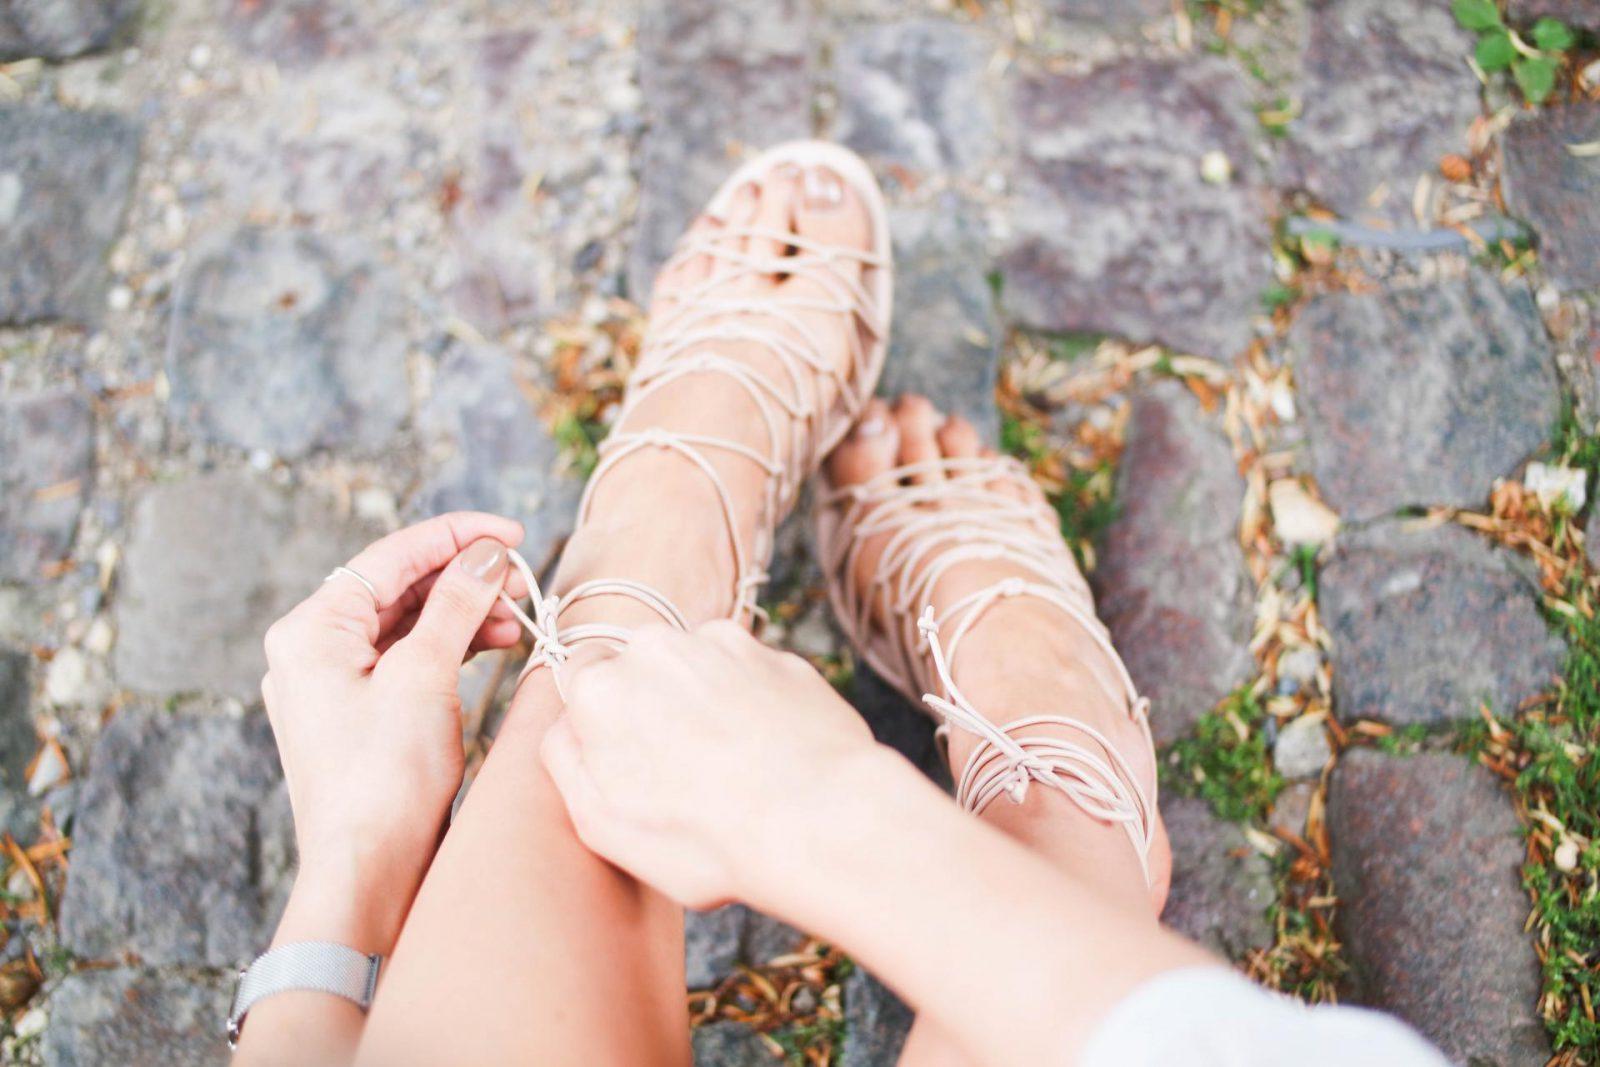 Peasant Blouse Lace Up Sandals